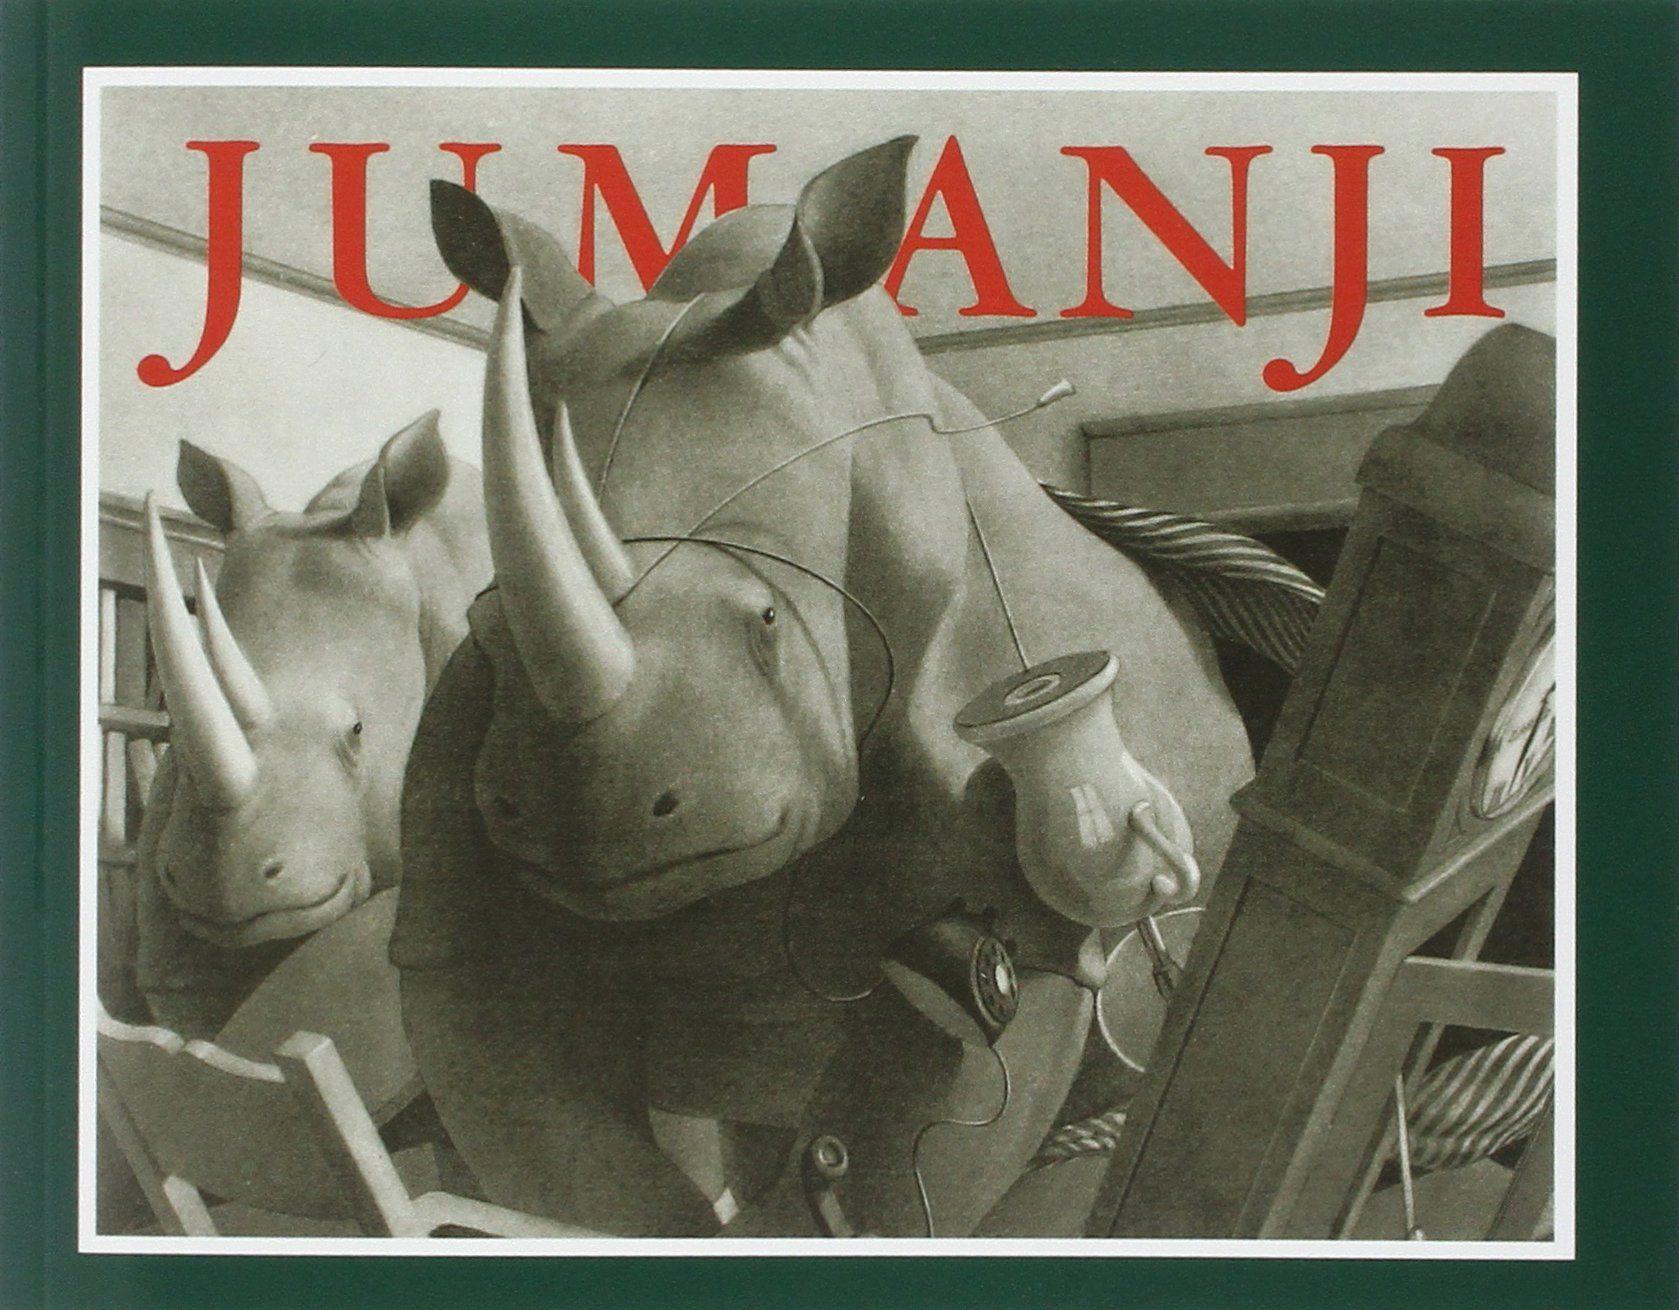 Jumanji - Chris Van Allsburg - SensCritique